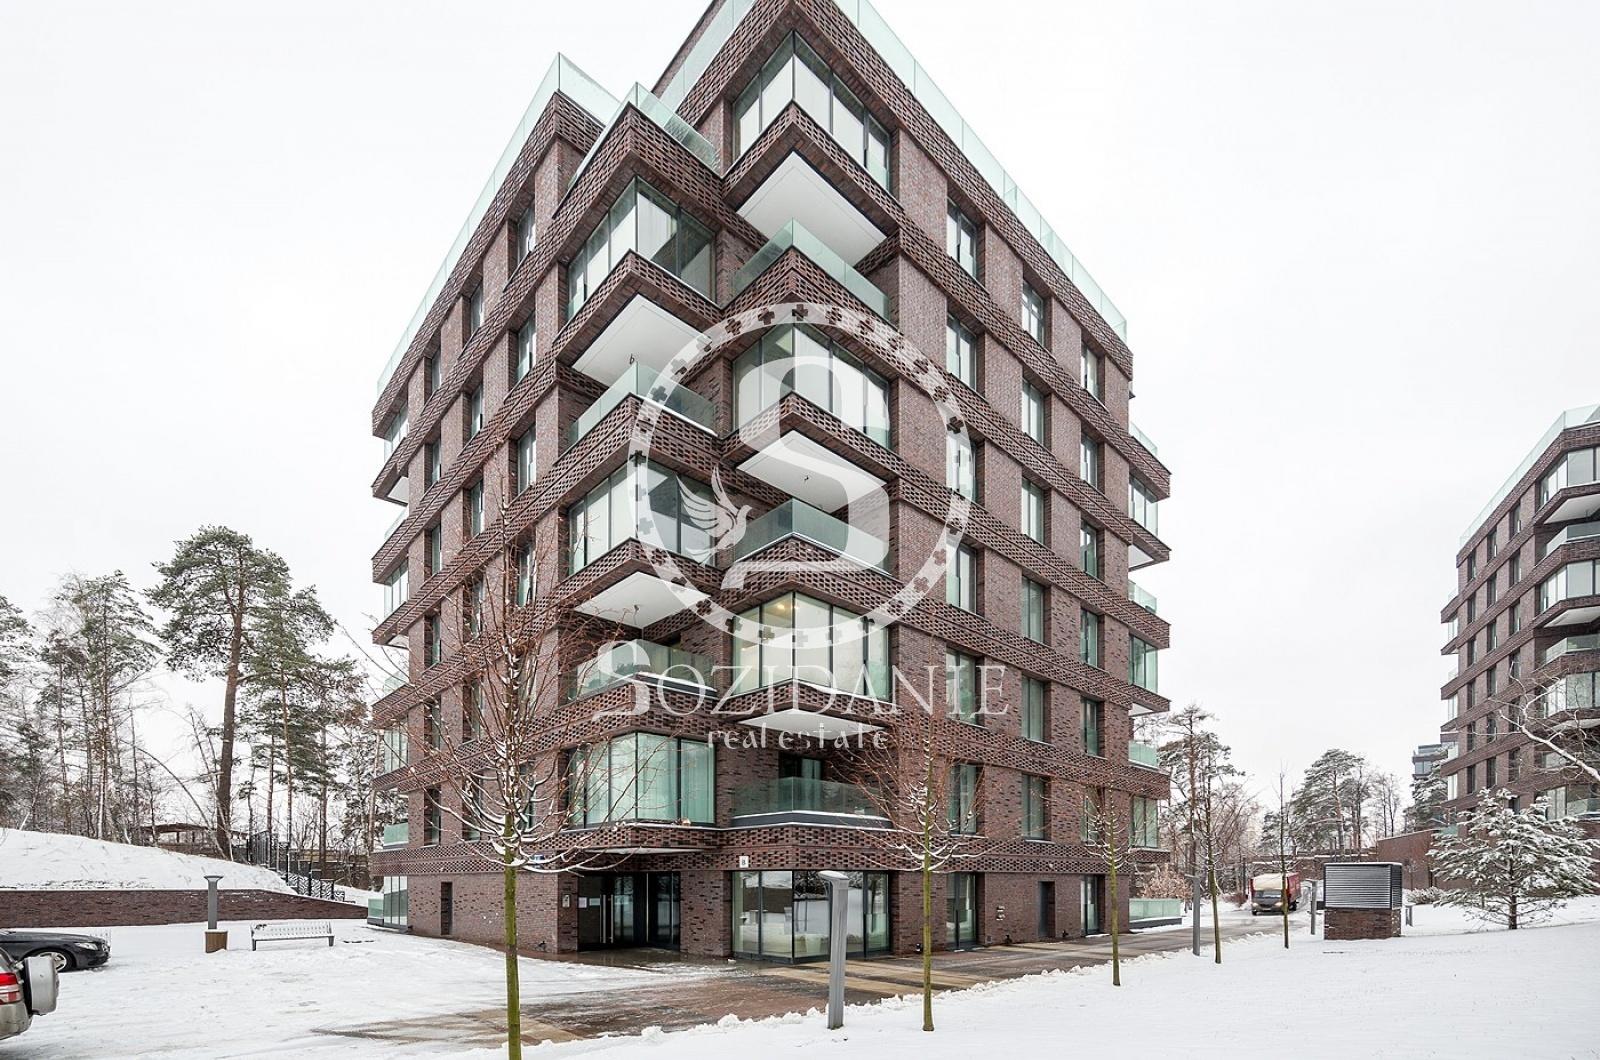 4 Комнаты, Городская, Продажа, Улица Согласия, Listing ID 3205, Москва, Россия,